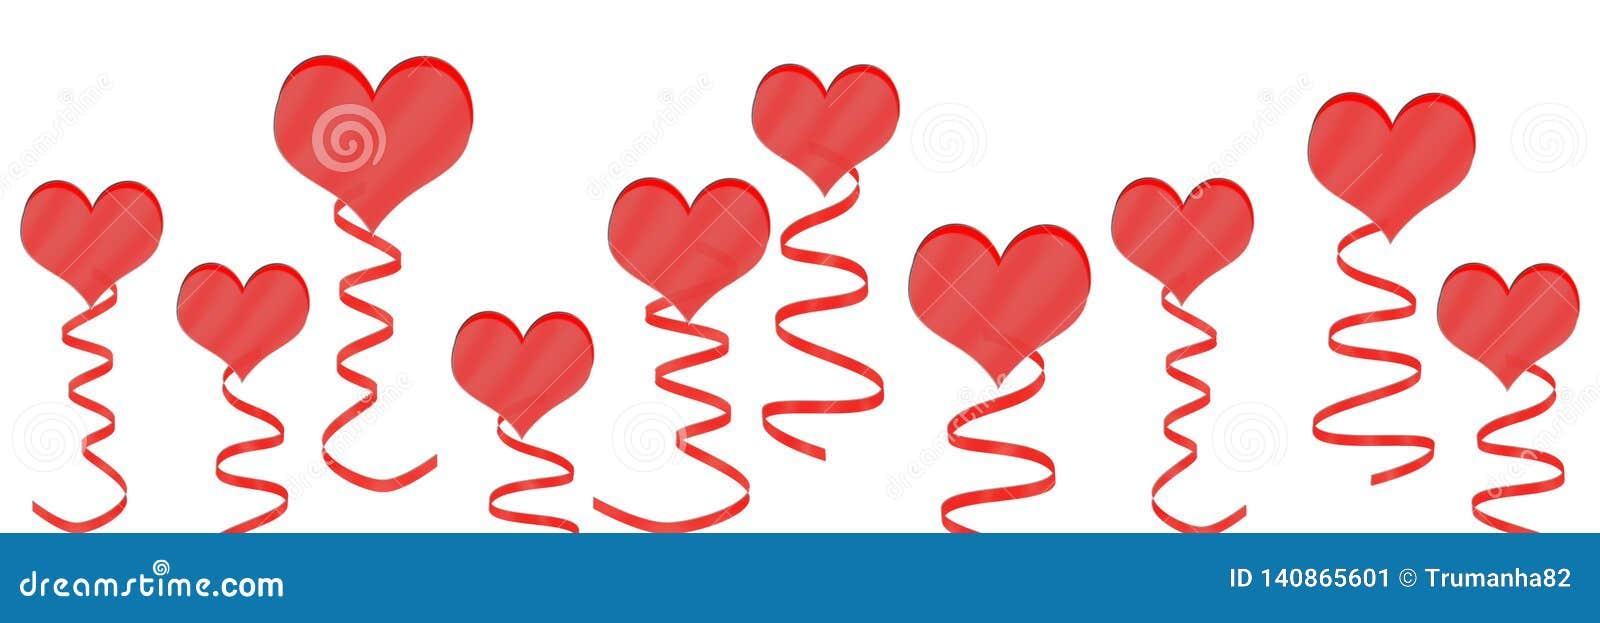 Röda hjärtor och band i vit bakgrund